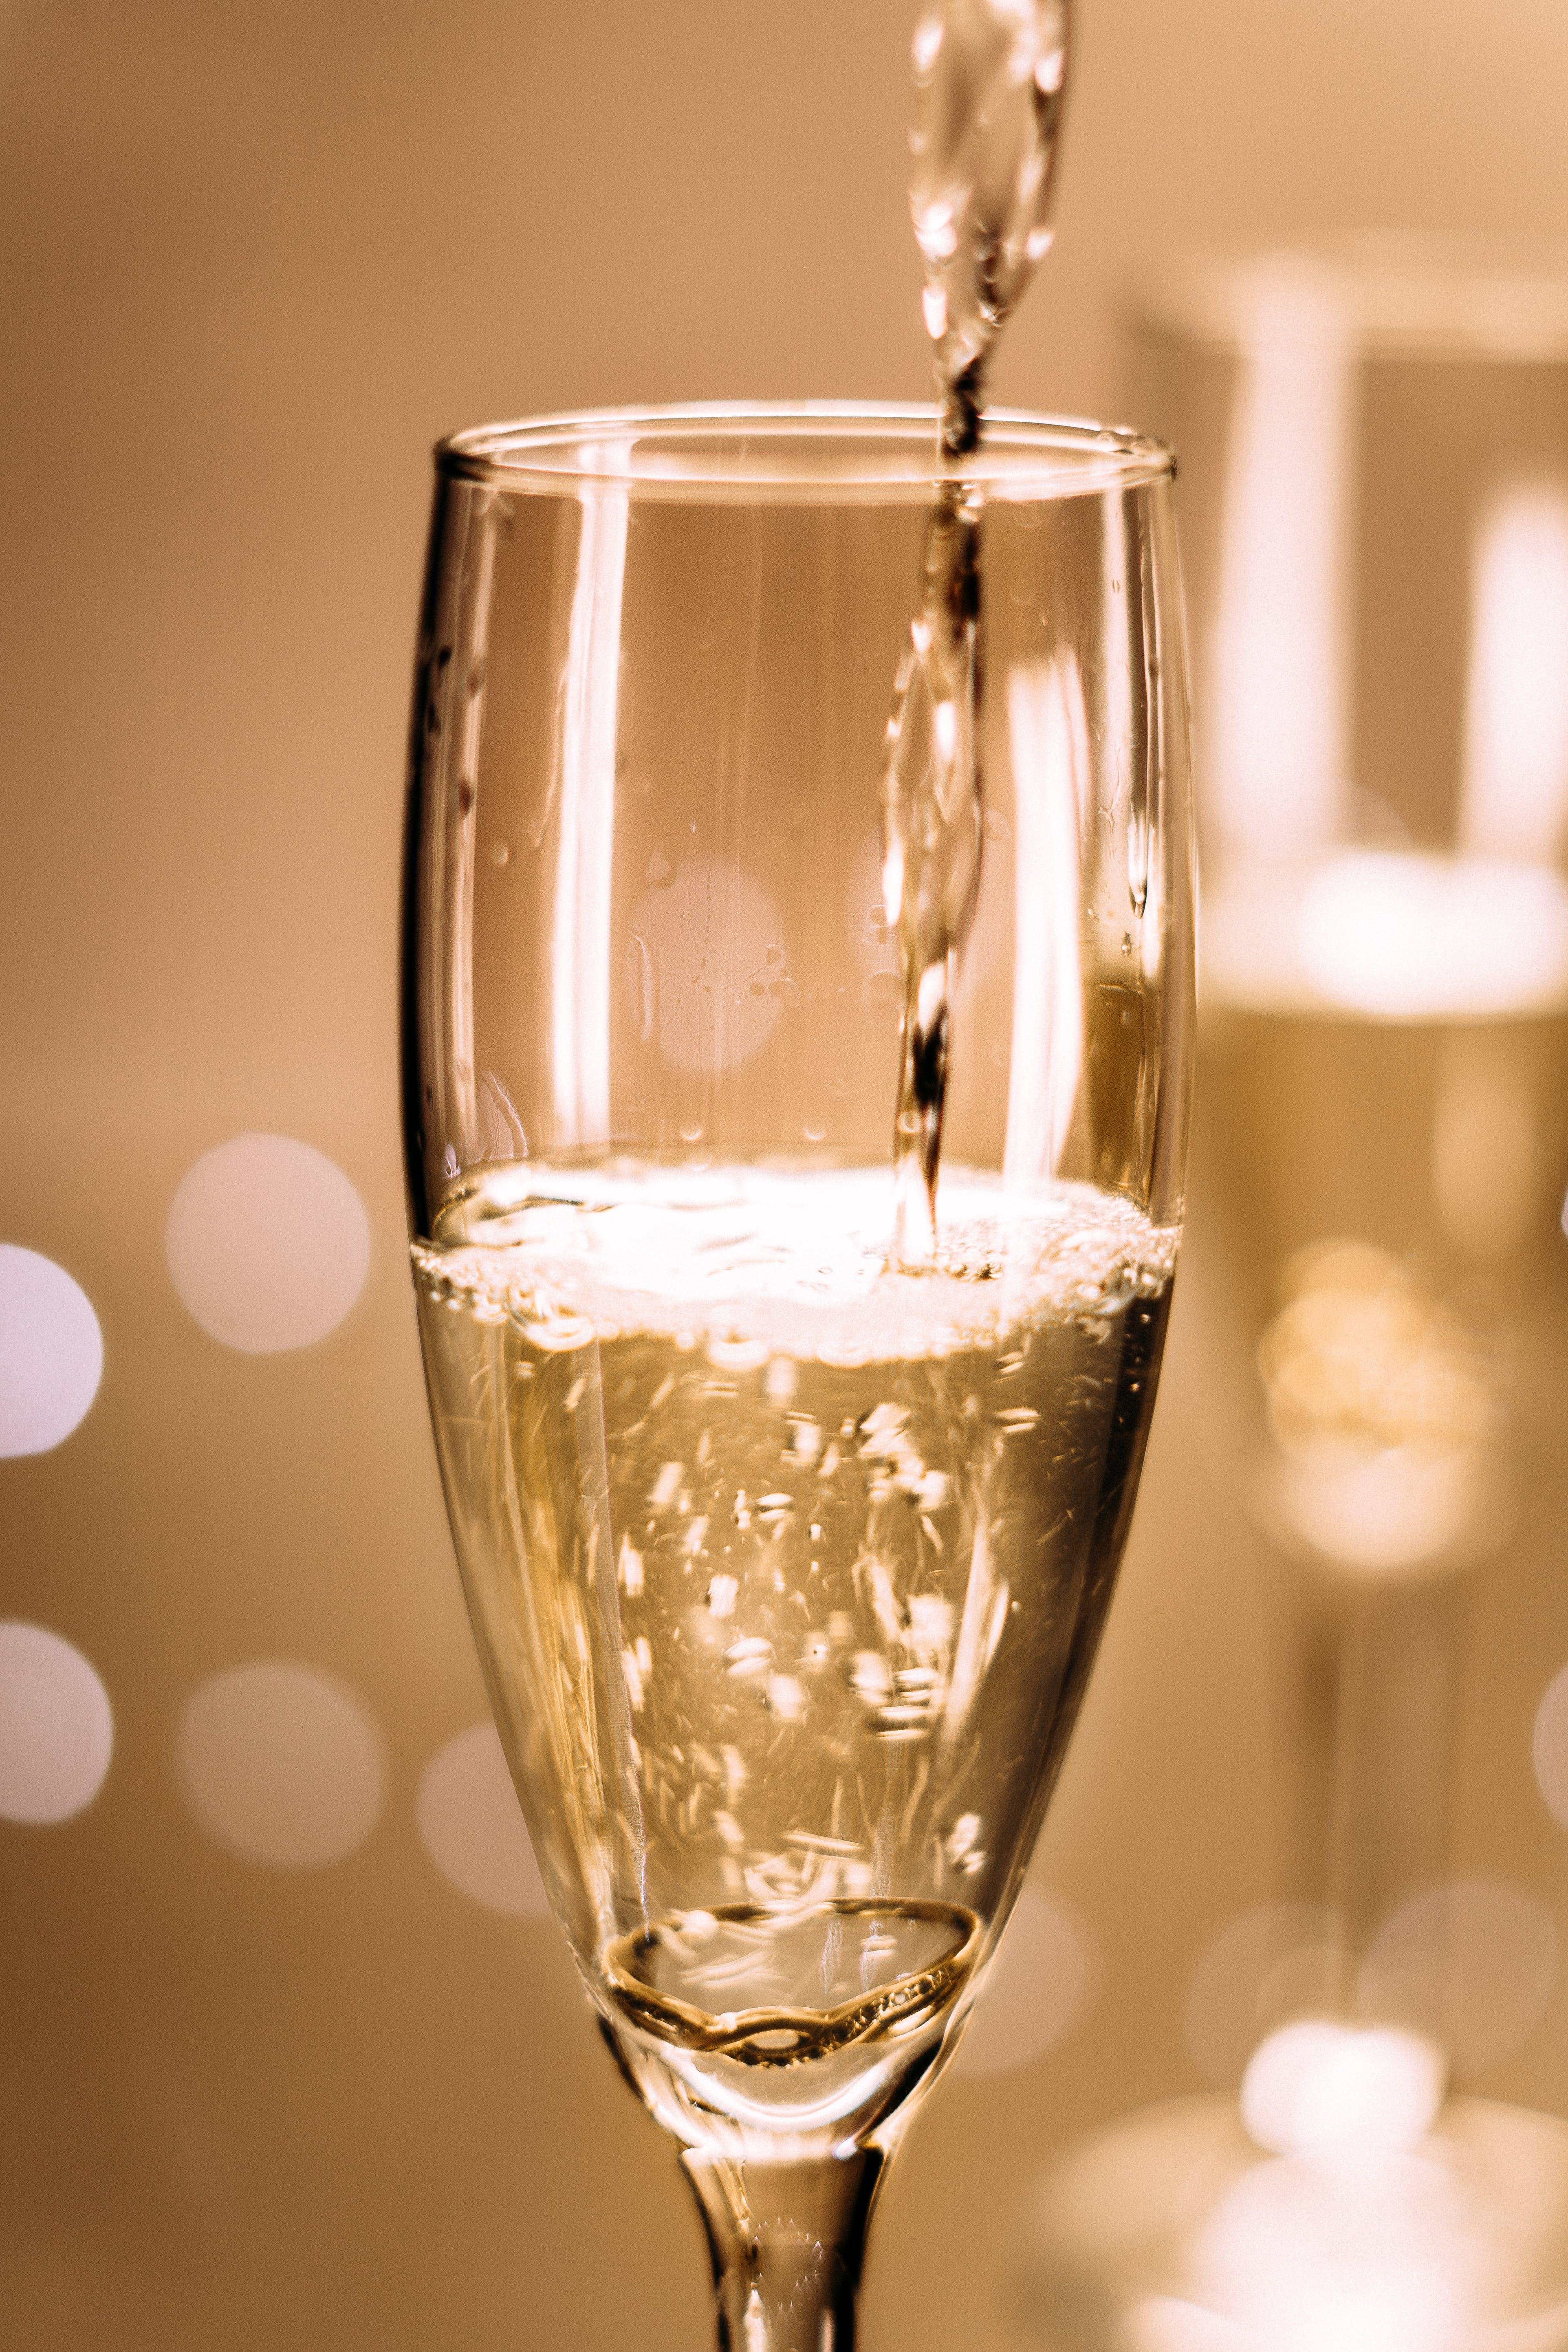 Gratis arkivbilde med brennevin, champagne, drikke, glass